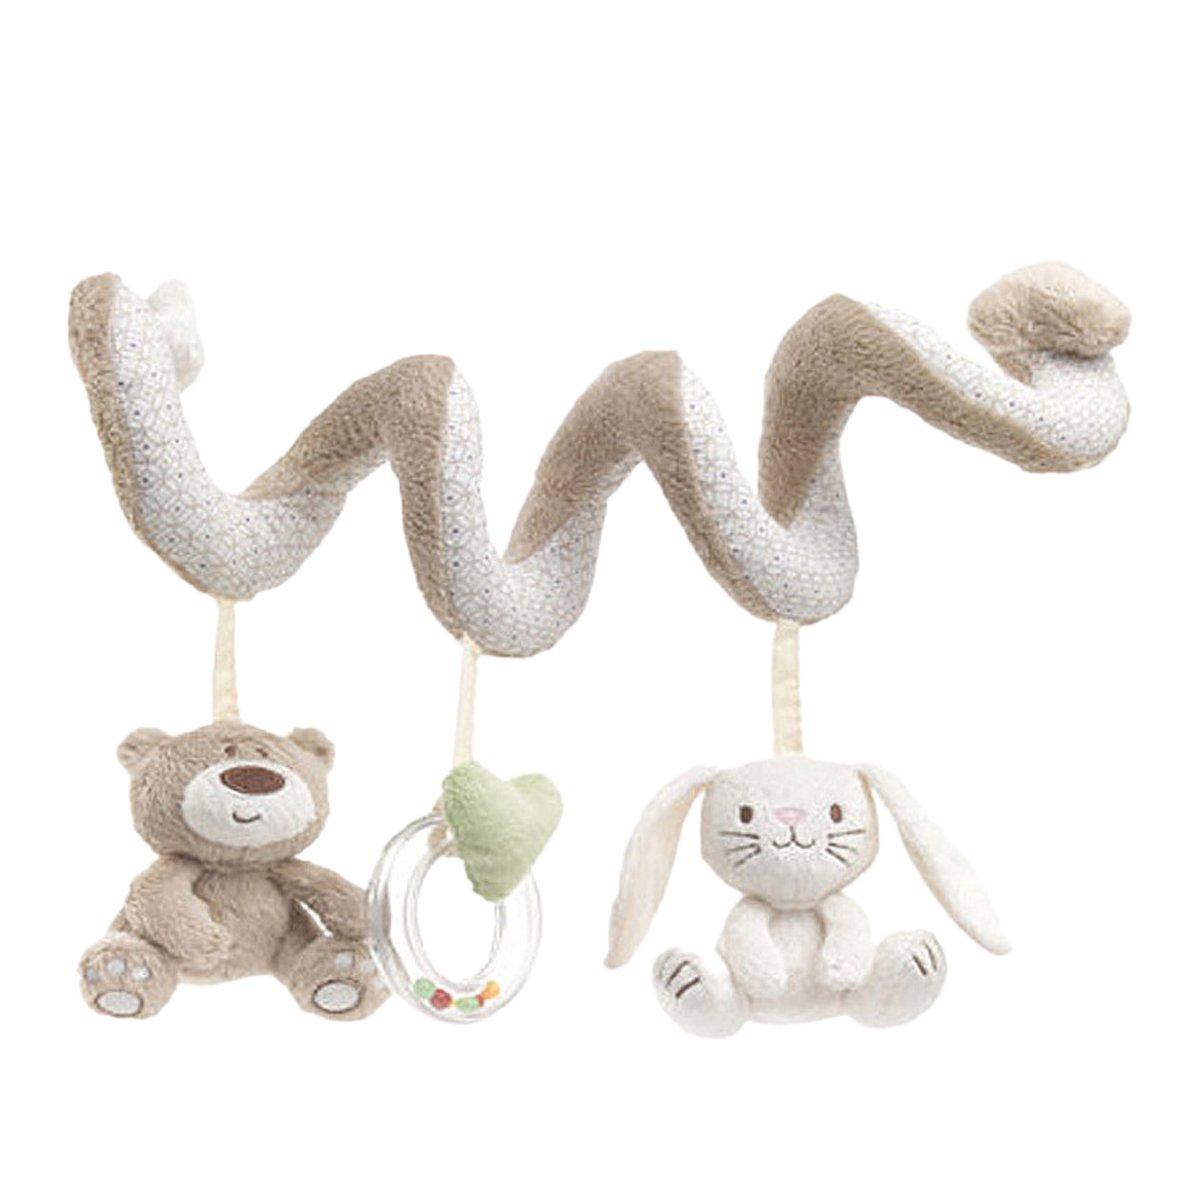 tininna beb juguetes colgantes espiral con felpa animales linda de la conejito bebe oso para cochecitos